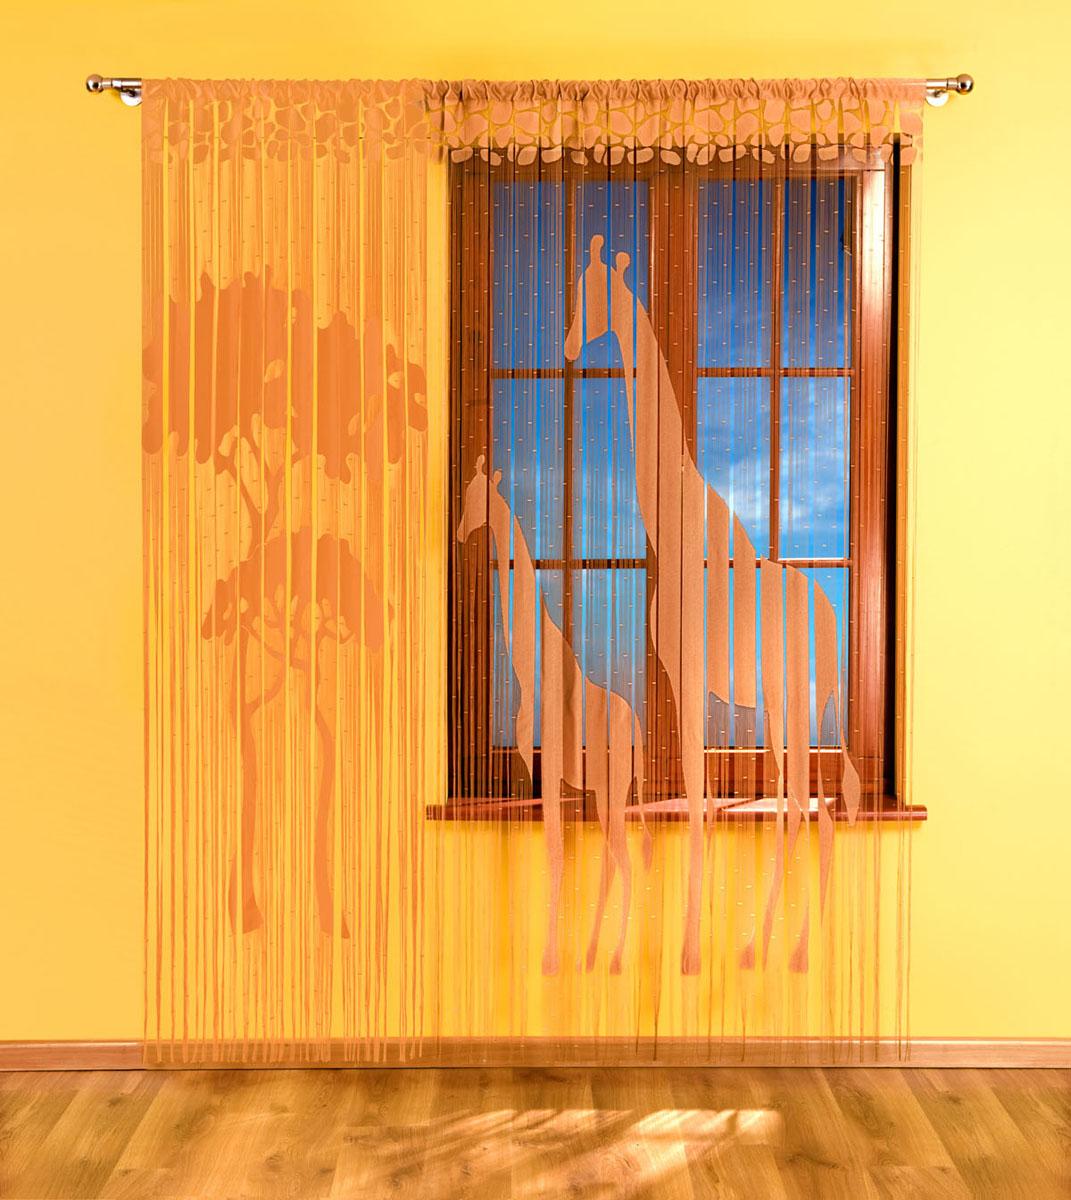 Гардина-лапша Жираф, на кулиске, цвет: кофе, высота 240 см734870Воздушная гардина-лапша Жираф, изготовленная из полиэстера кофейного цвета, станет великолепным украшением любого окна. Тонкое плетение, оригинальный принт, приятная цветовая гамма привлекут к себе внимание и органично впишется в интерьер комнаты. Верхняя часть гардины оснащена кулиской для крепления на круглый карниз. Характеристики:Материал: 100% полиэстер. Цвет: кофе. Высота кулиски: 5,5 см. Размер упаковки:25 см х 36 см х 3 см. Артикул: 734870.В комплект входит: Гардина-лапша - 1 шт. Размер (ШхВ): 150 см х 240 см. Гардина-лапша - 1 шт. Размер (ШхВ): 90 см х 240 см. Фирма Wisan на польском рынке существует уже более пятидесяти лет и является одной из лучших польских фабрик по производству штор и тканей. Ассортимент фирмы представлен готовыми комплектами штор для гостиной, детской, кухни, а также текстилем для кухни (скатерти, салфетки, дорожки, кухонные занавески). Модельный ряд отличает оригинальный дизайн, высокое качество. Ассортимент продукции постоянно пополняется.УВАЖАЕМЫЕ КЛИЕНТЫ!Обращаем ваше внимание на цвет изделия. Цветовой вариант гардины, данной в интерьере, служит для визуального восприятия товара. Цветовая гамма данной гардины представлена на отдельном изображении фрагментом ткани.